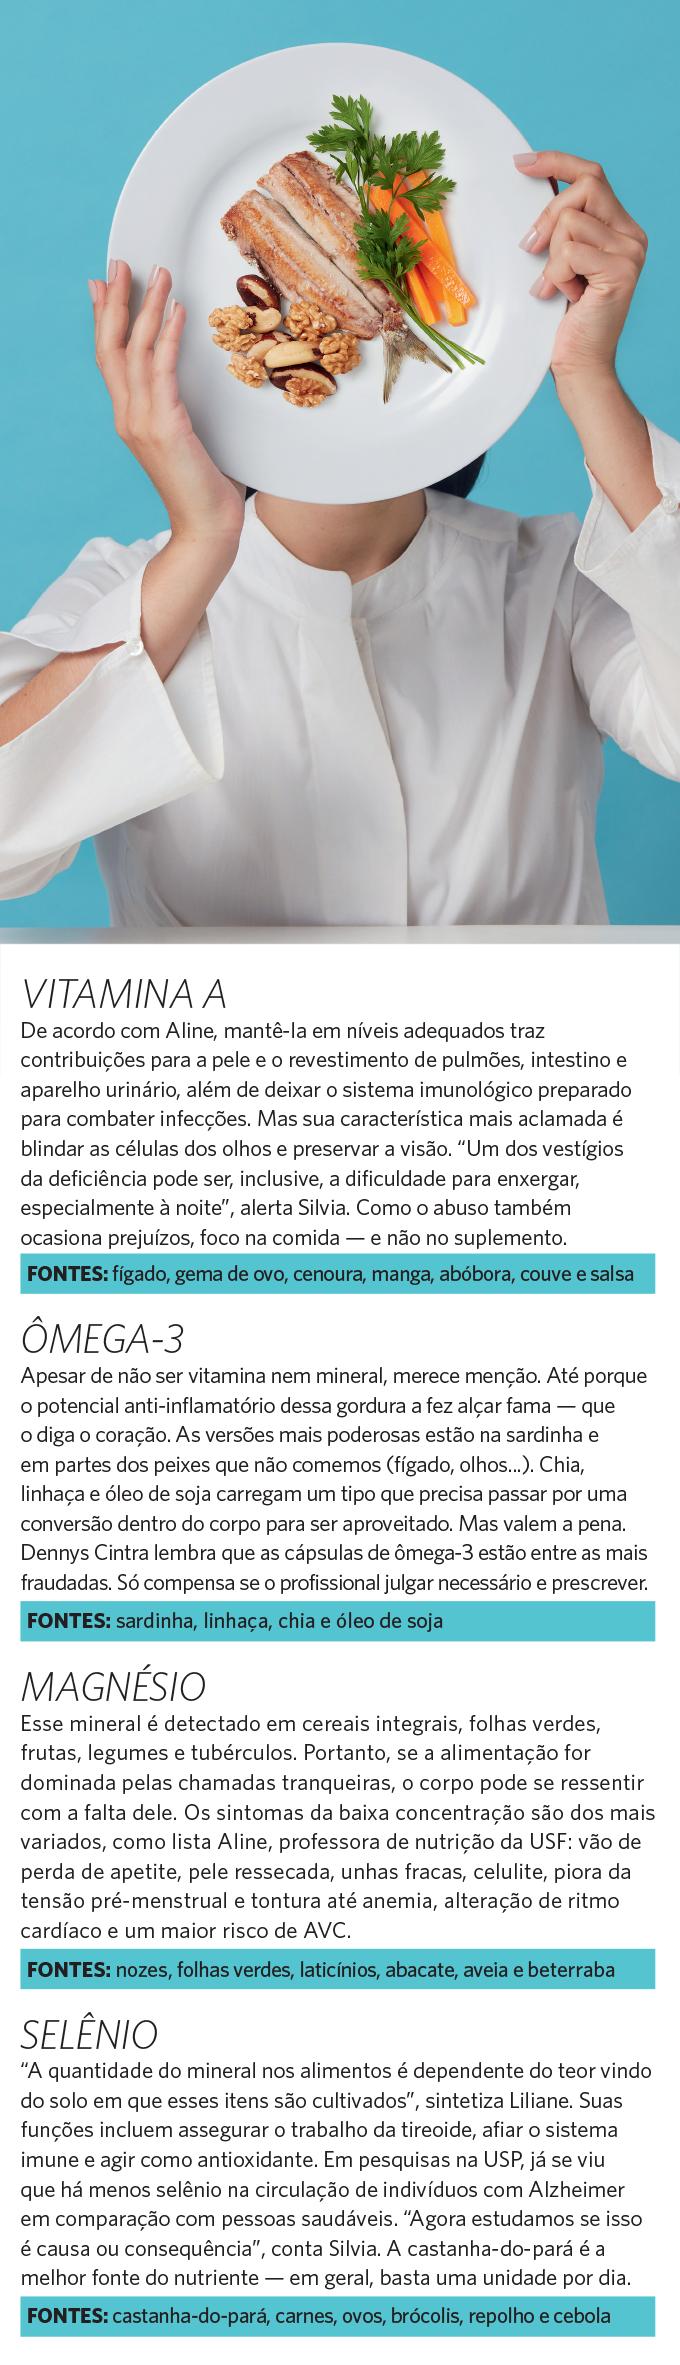 Desnutrição - nutrientes